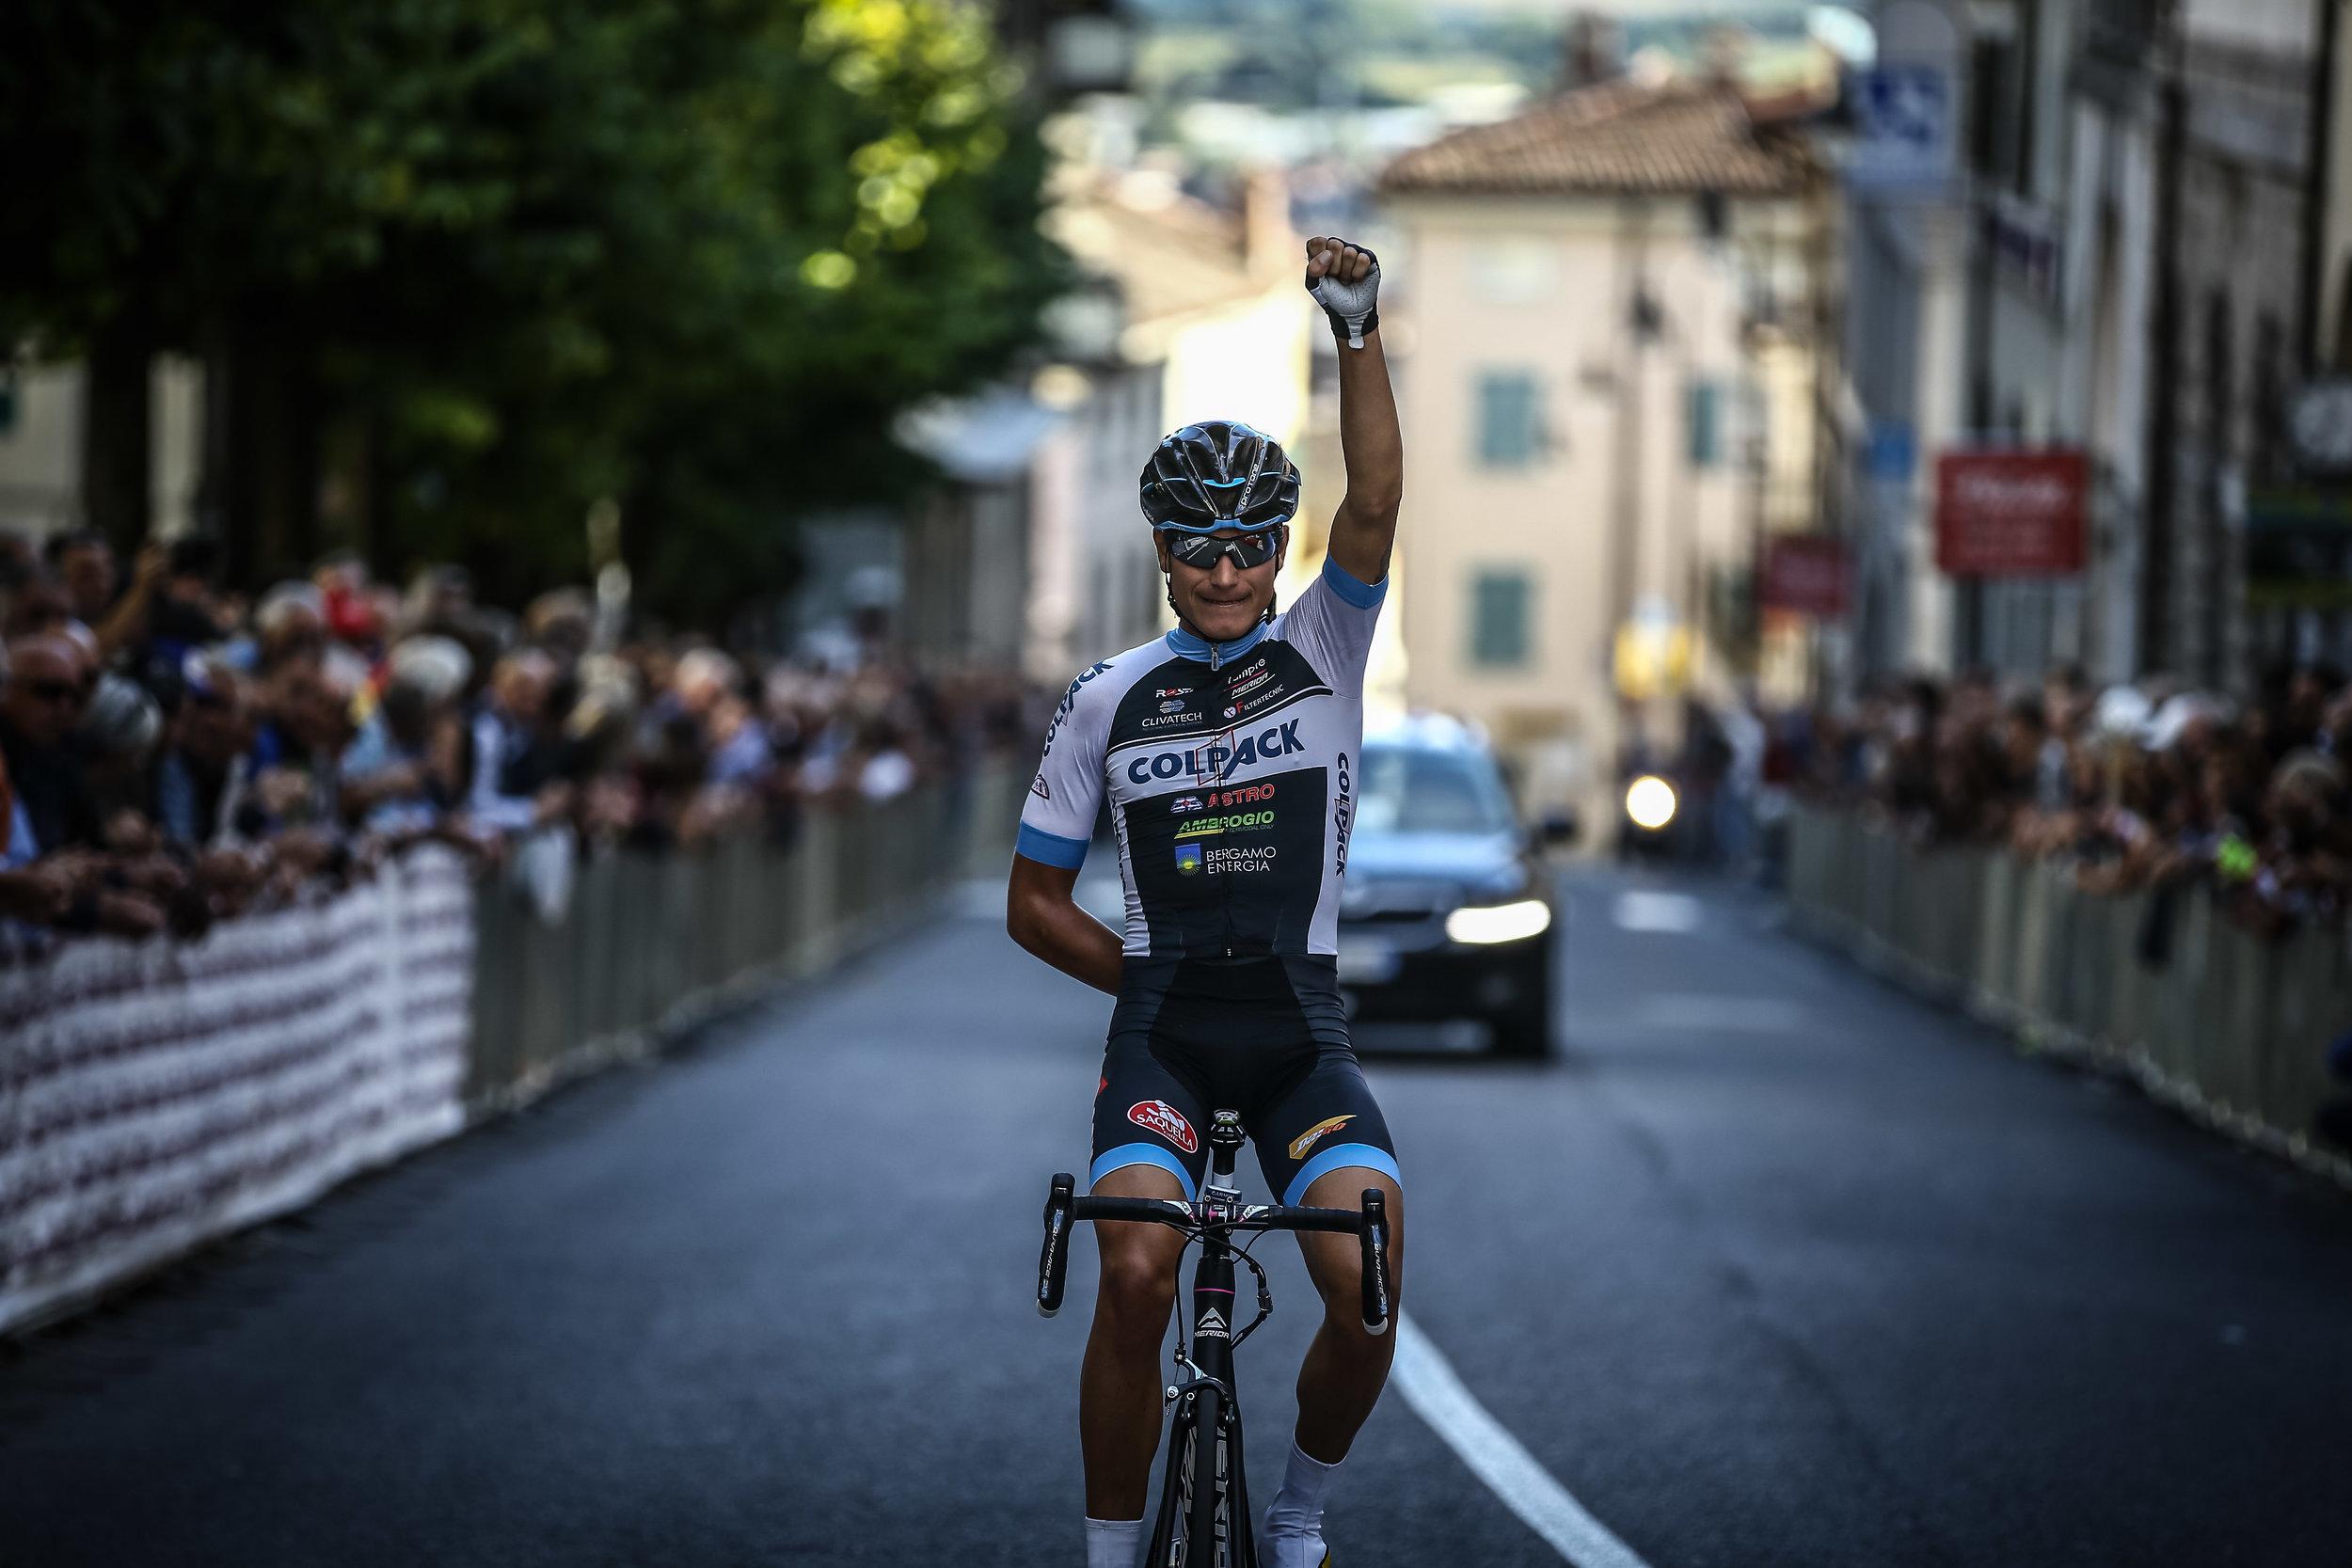 L'arrivo vittorioso di Fausto Masnada (Team Colpack)nella 79ªedizione della Coppa Città di San Daniele 2016